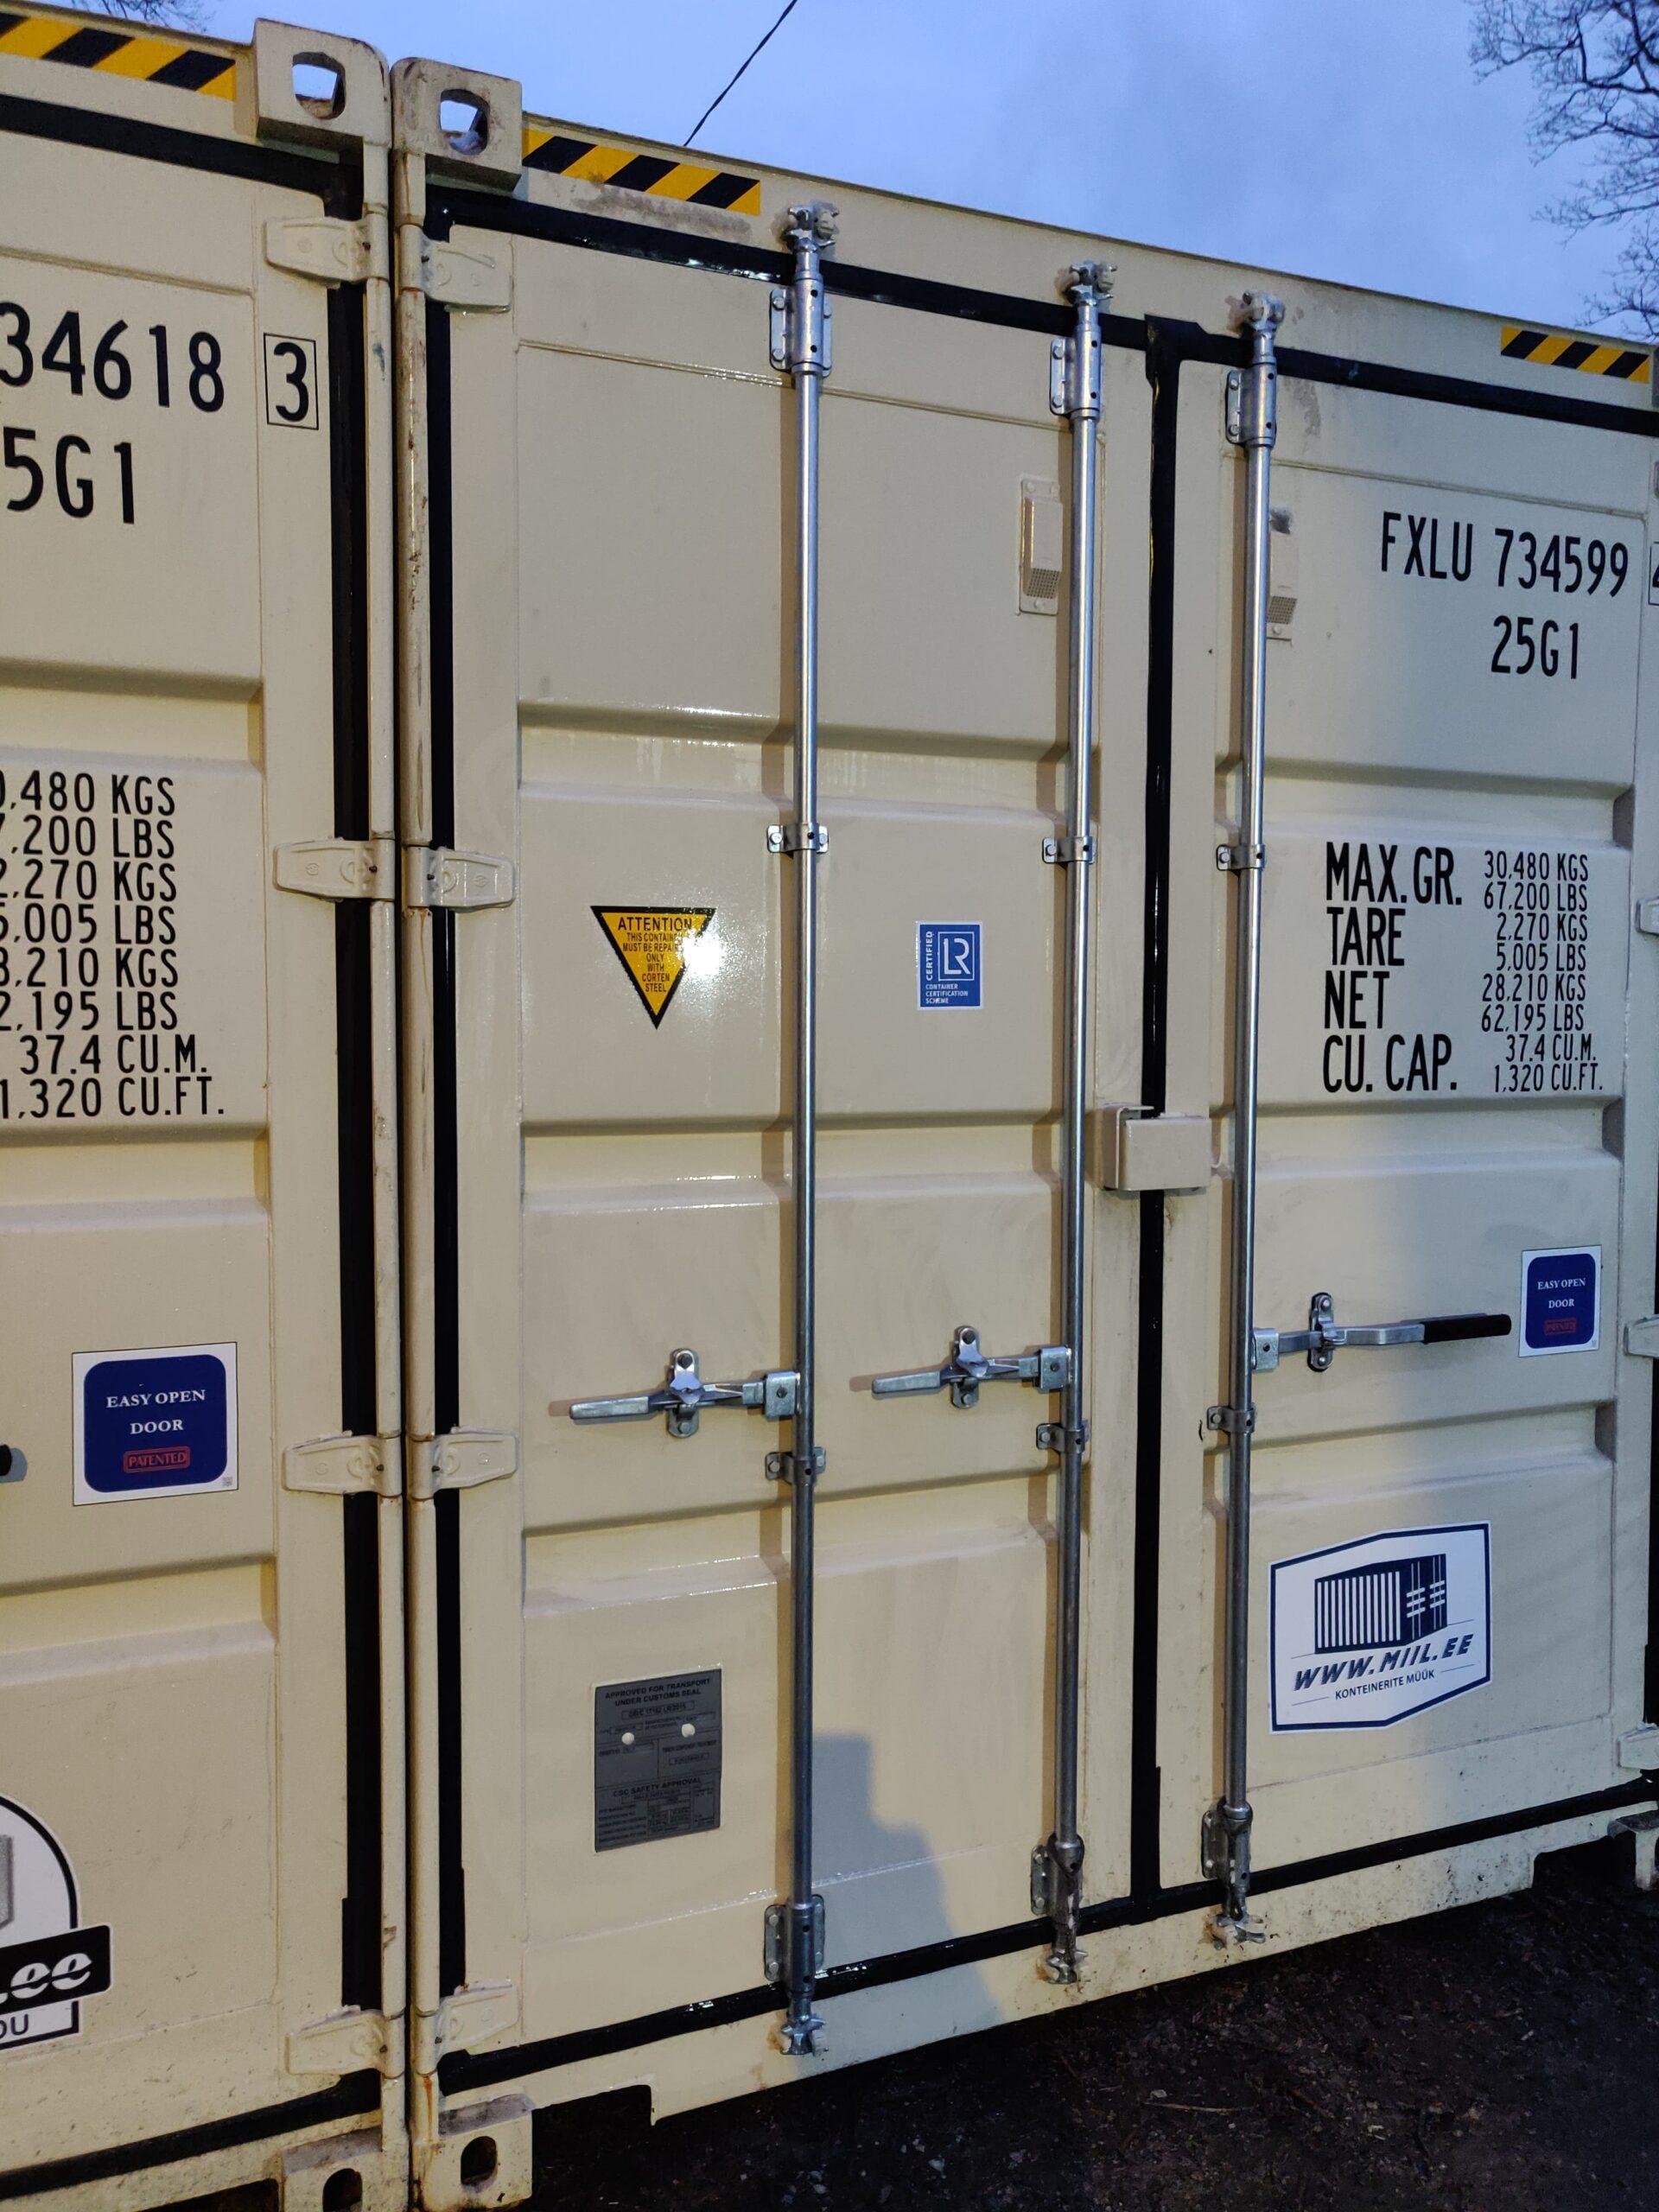 Uus konteinerladu NR 10 – FXLU7345994 kõrge variant